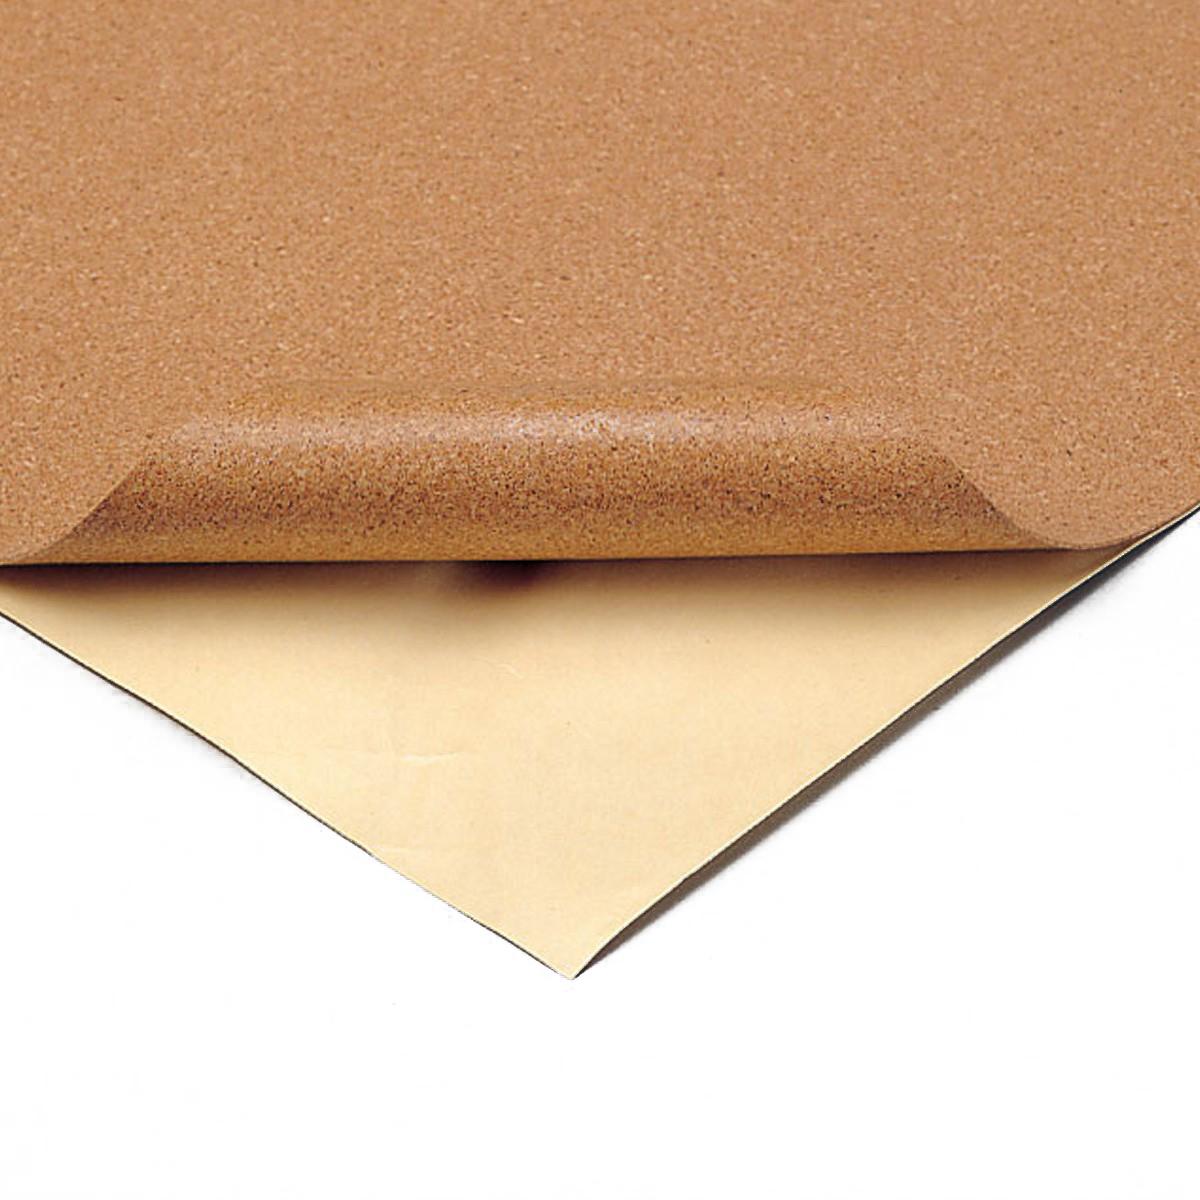 手軽に切り貼りできる素材です 粘着コルクシート 在庫一掃 低価格化 細目 1mm厚 木材 コルク 手作り DIY